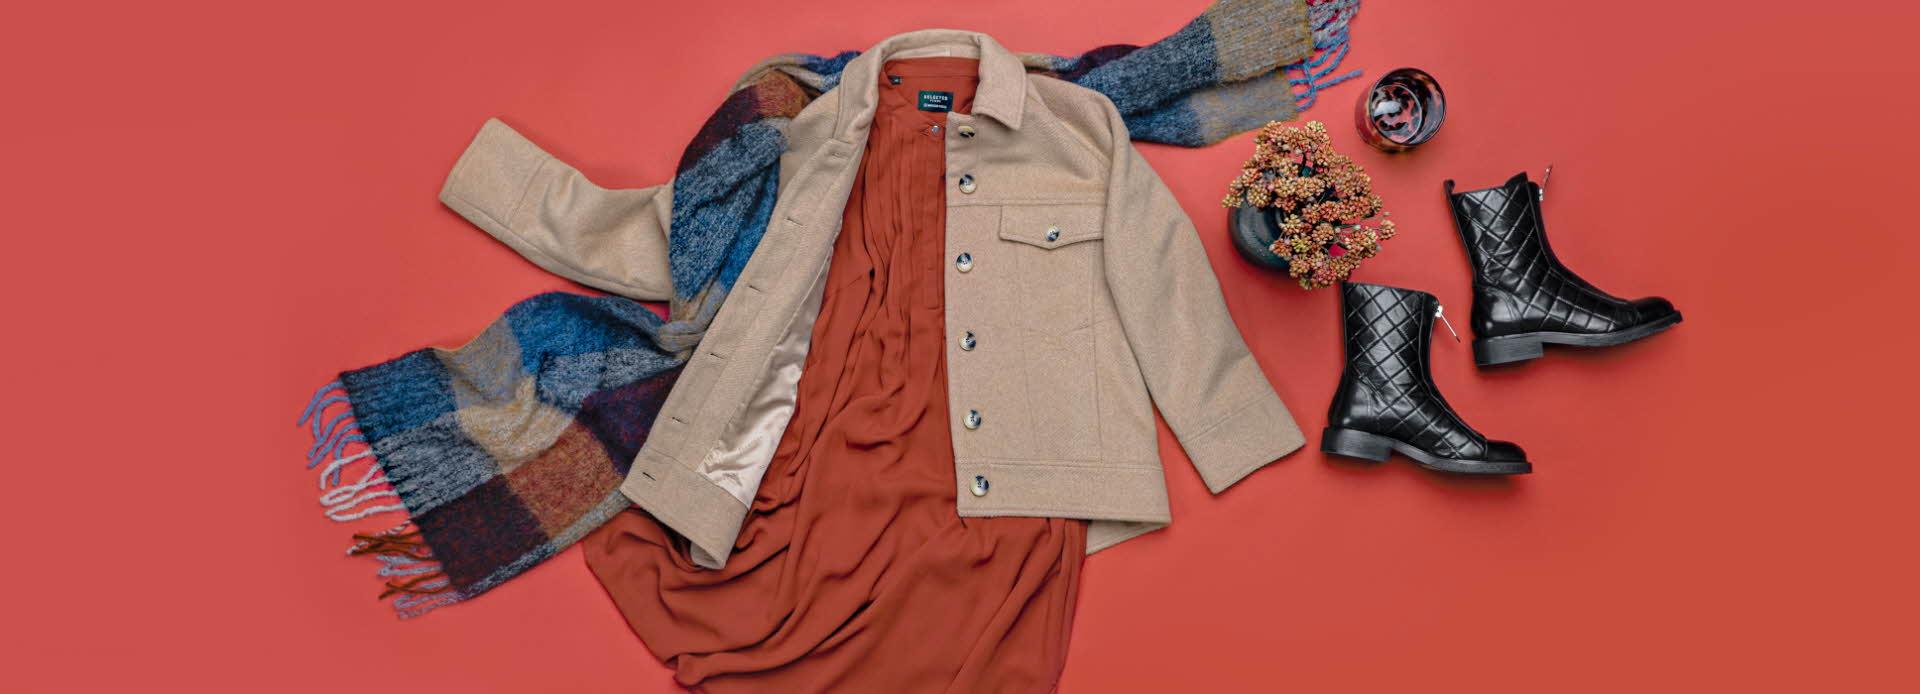 Kjole, støvler, jakke og skjerf